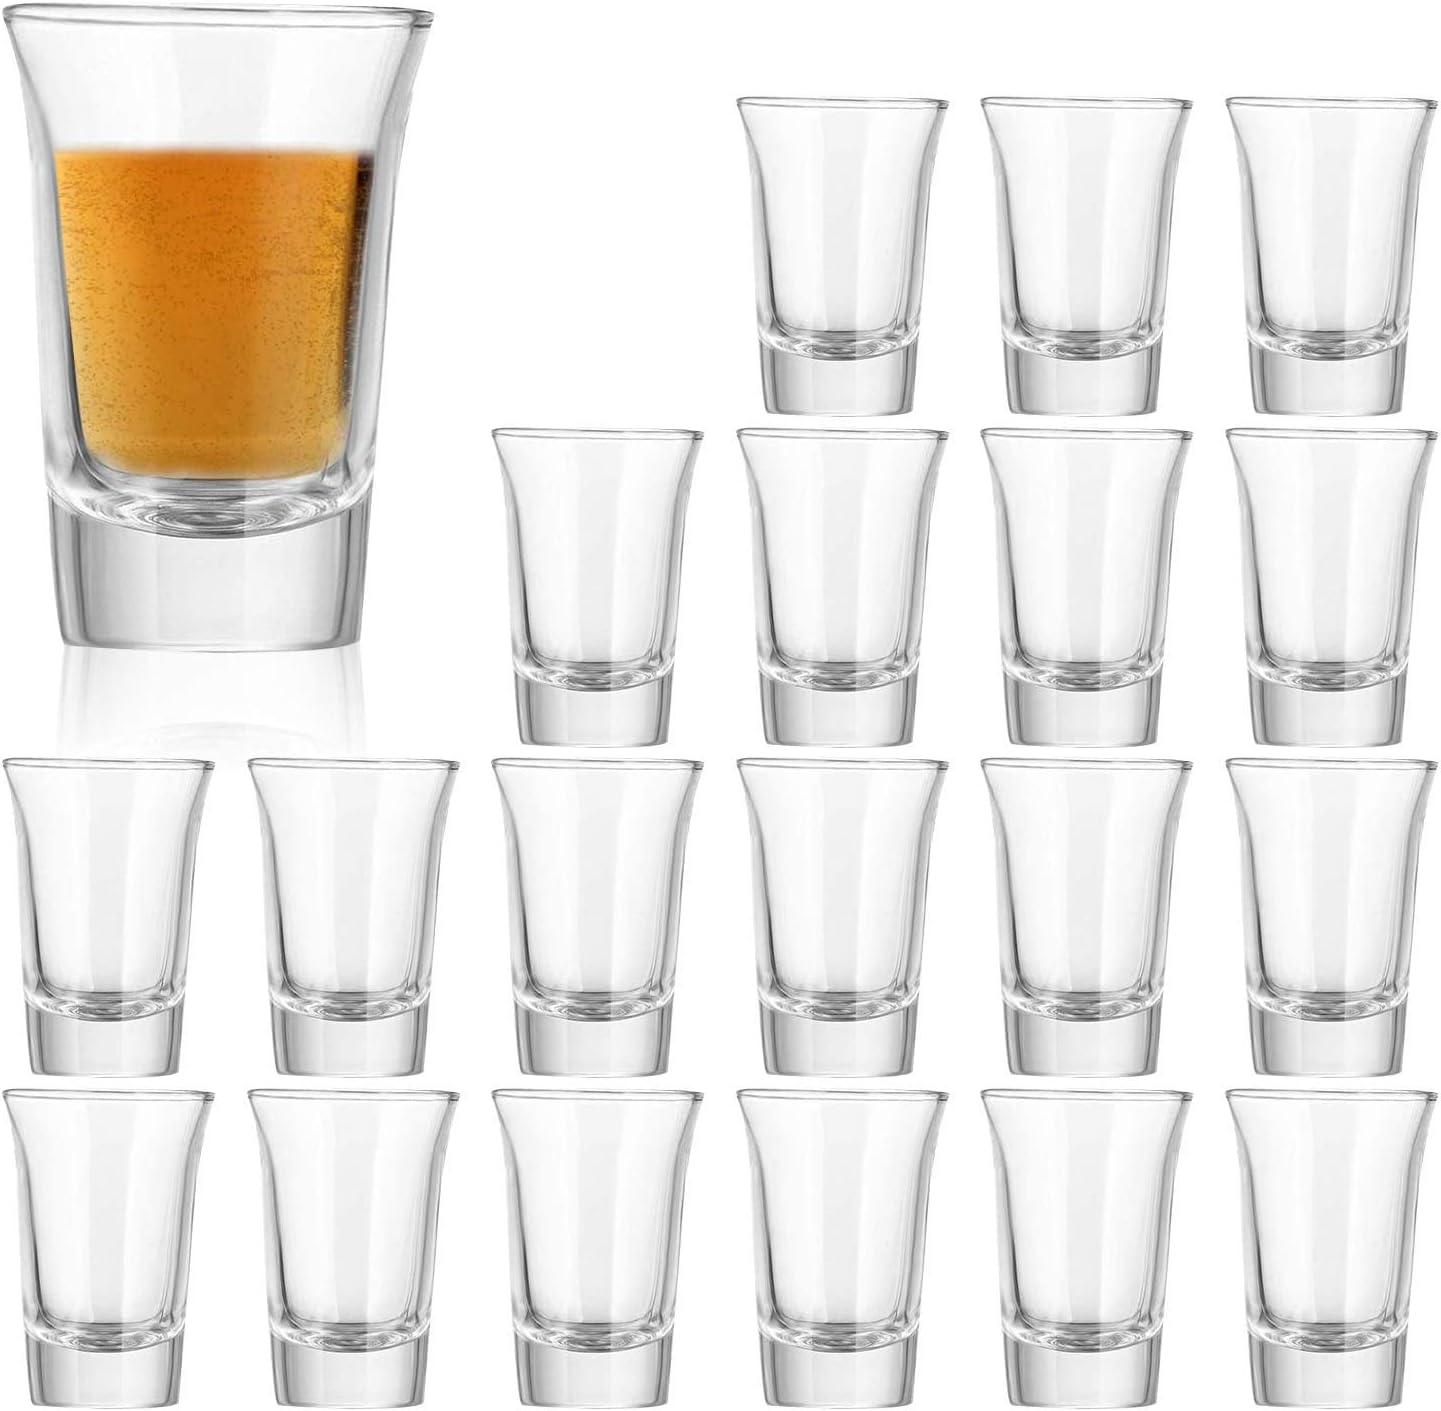 Max 43% OFF 1.2 Ounce Heavy Base Shot Glass Glasses Detroit Mall Whisky 1 Set QAPPDA